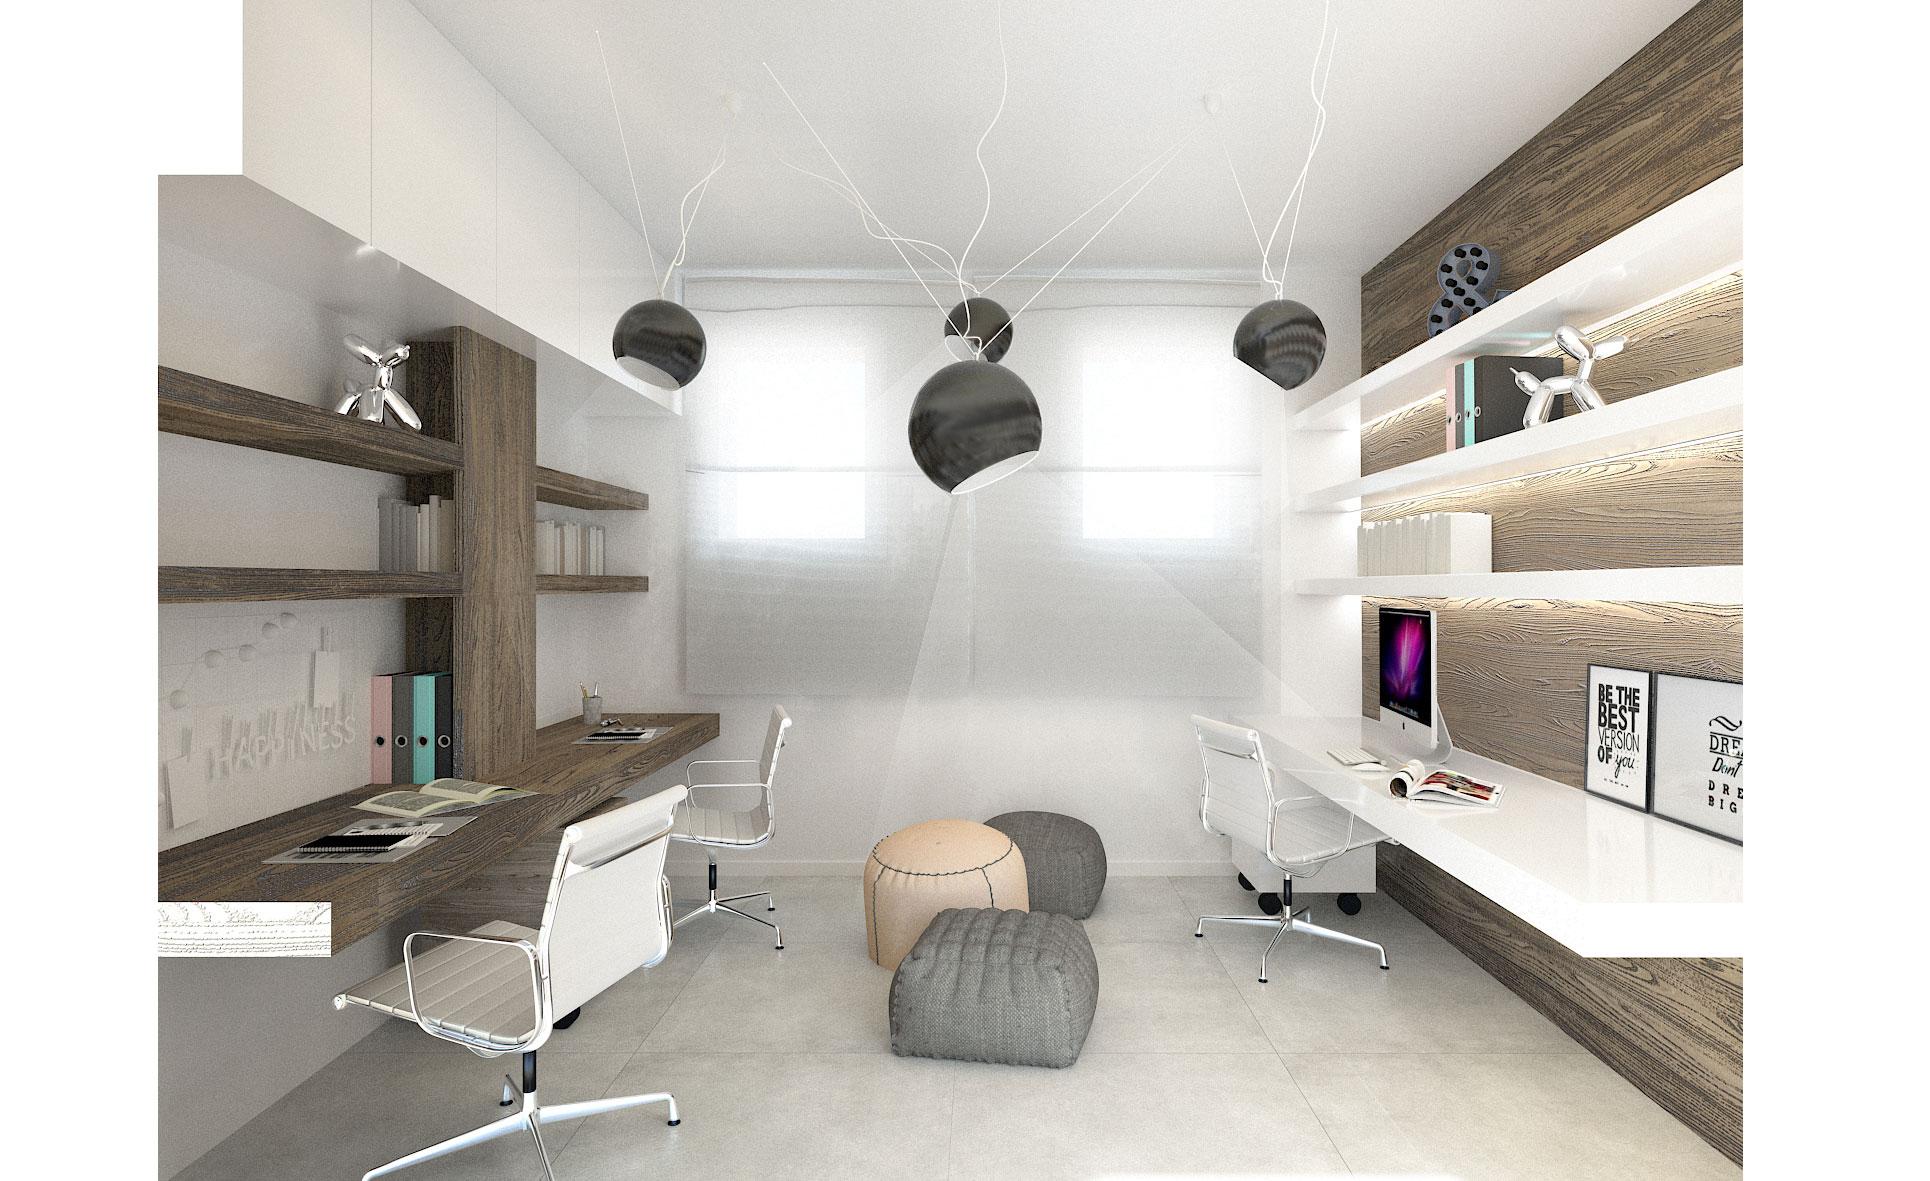 studio-ufficio-interni-interior